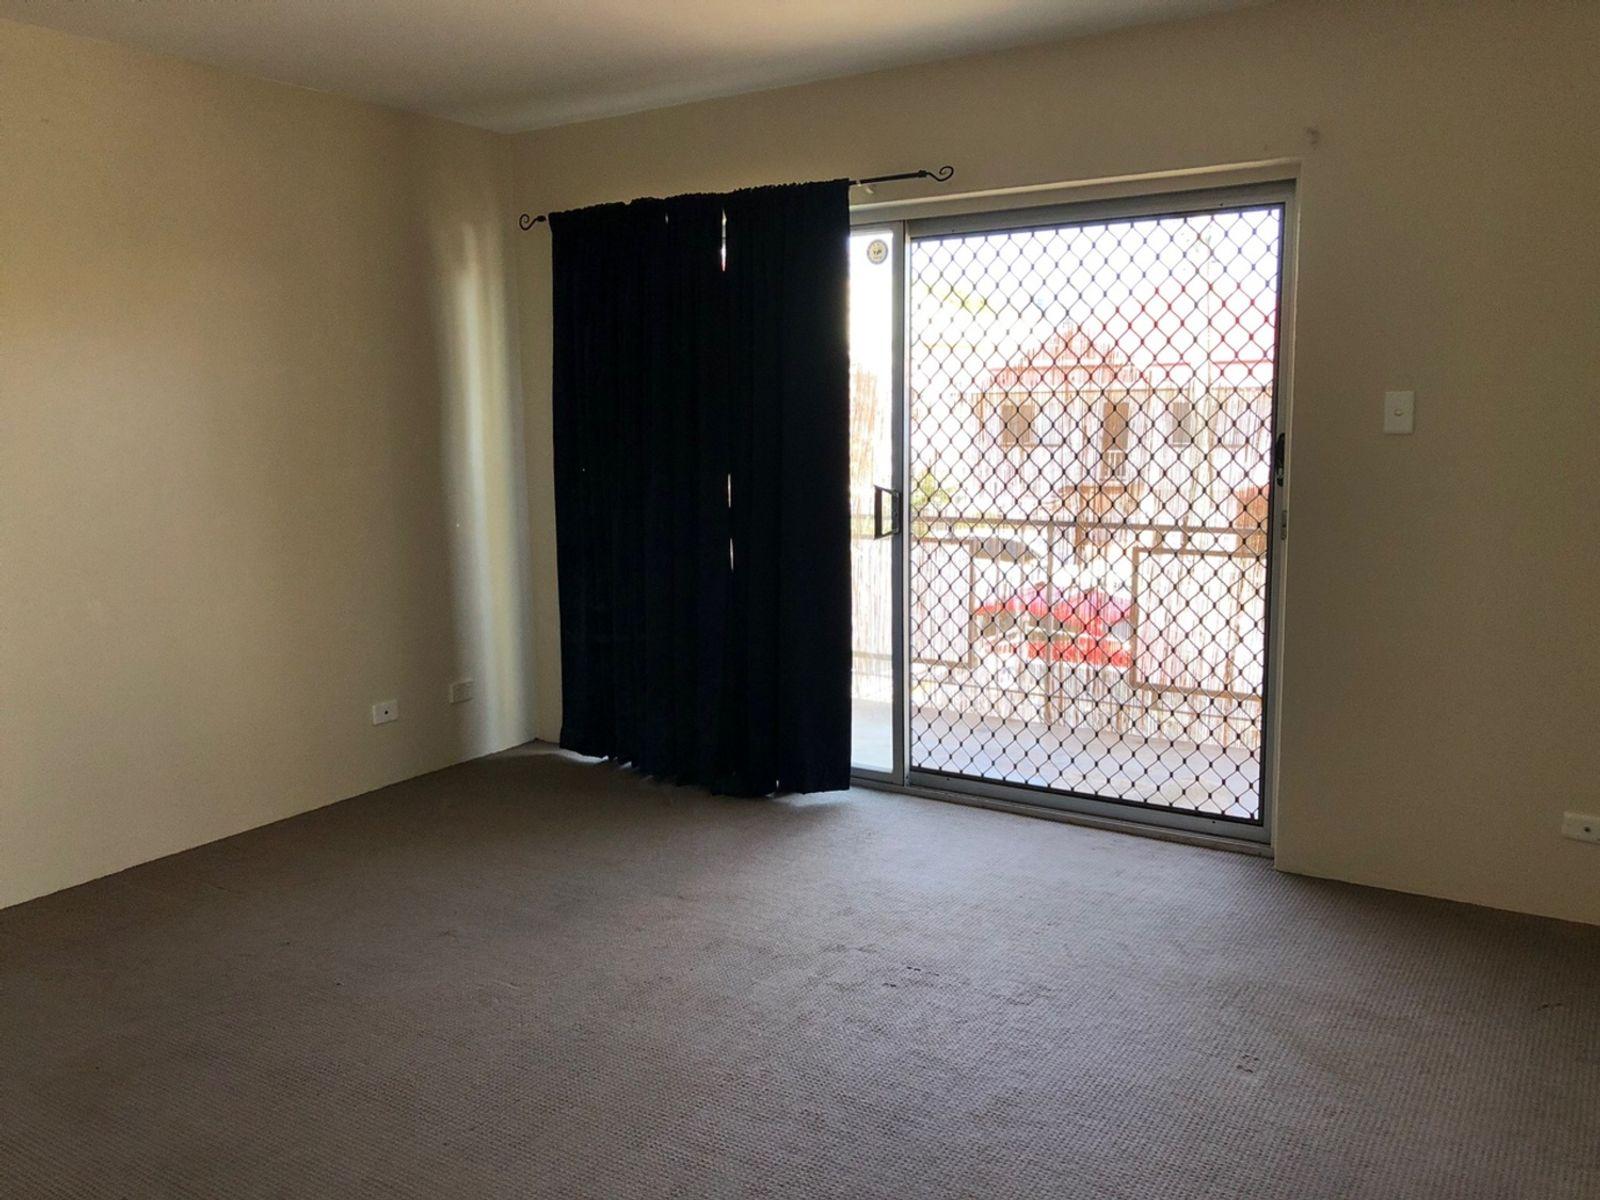 1/193 Kent Street, New Farm, QLD 4005